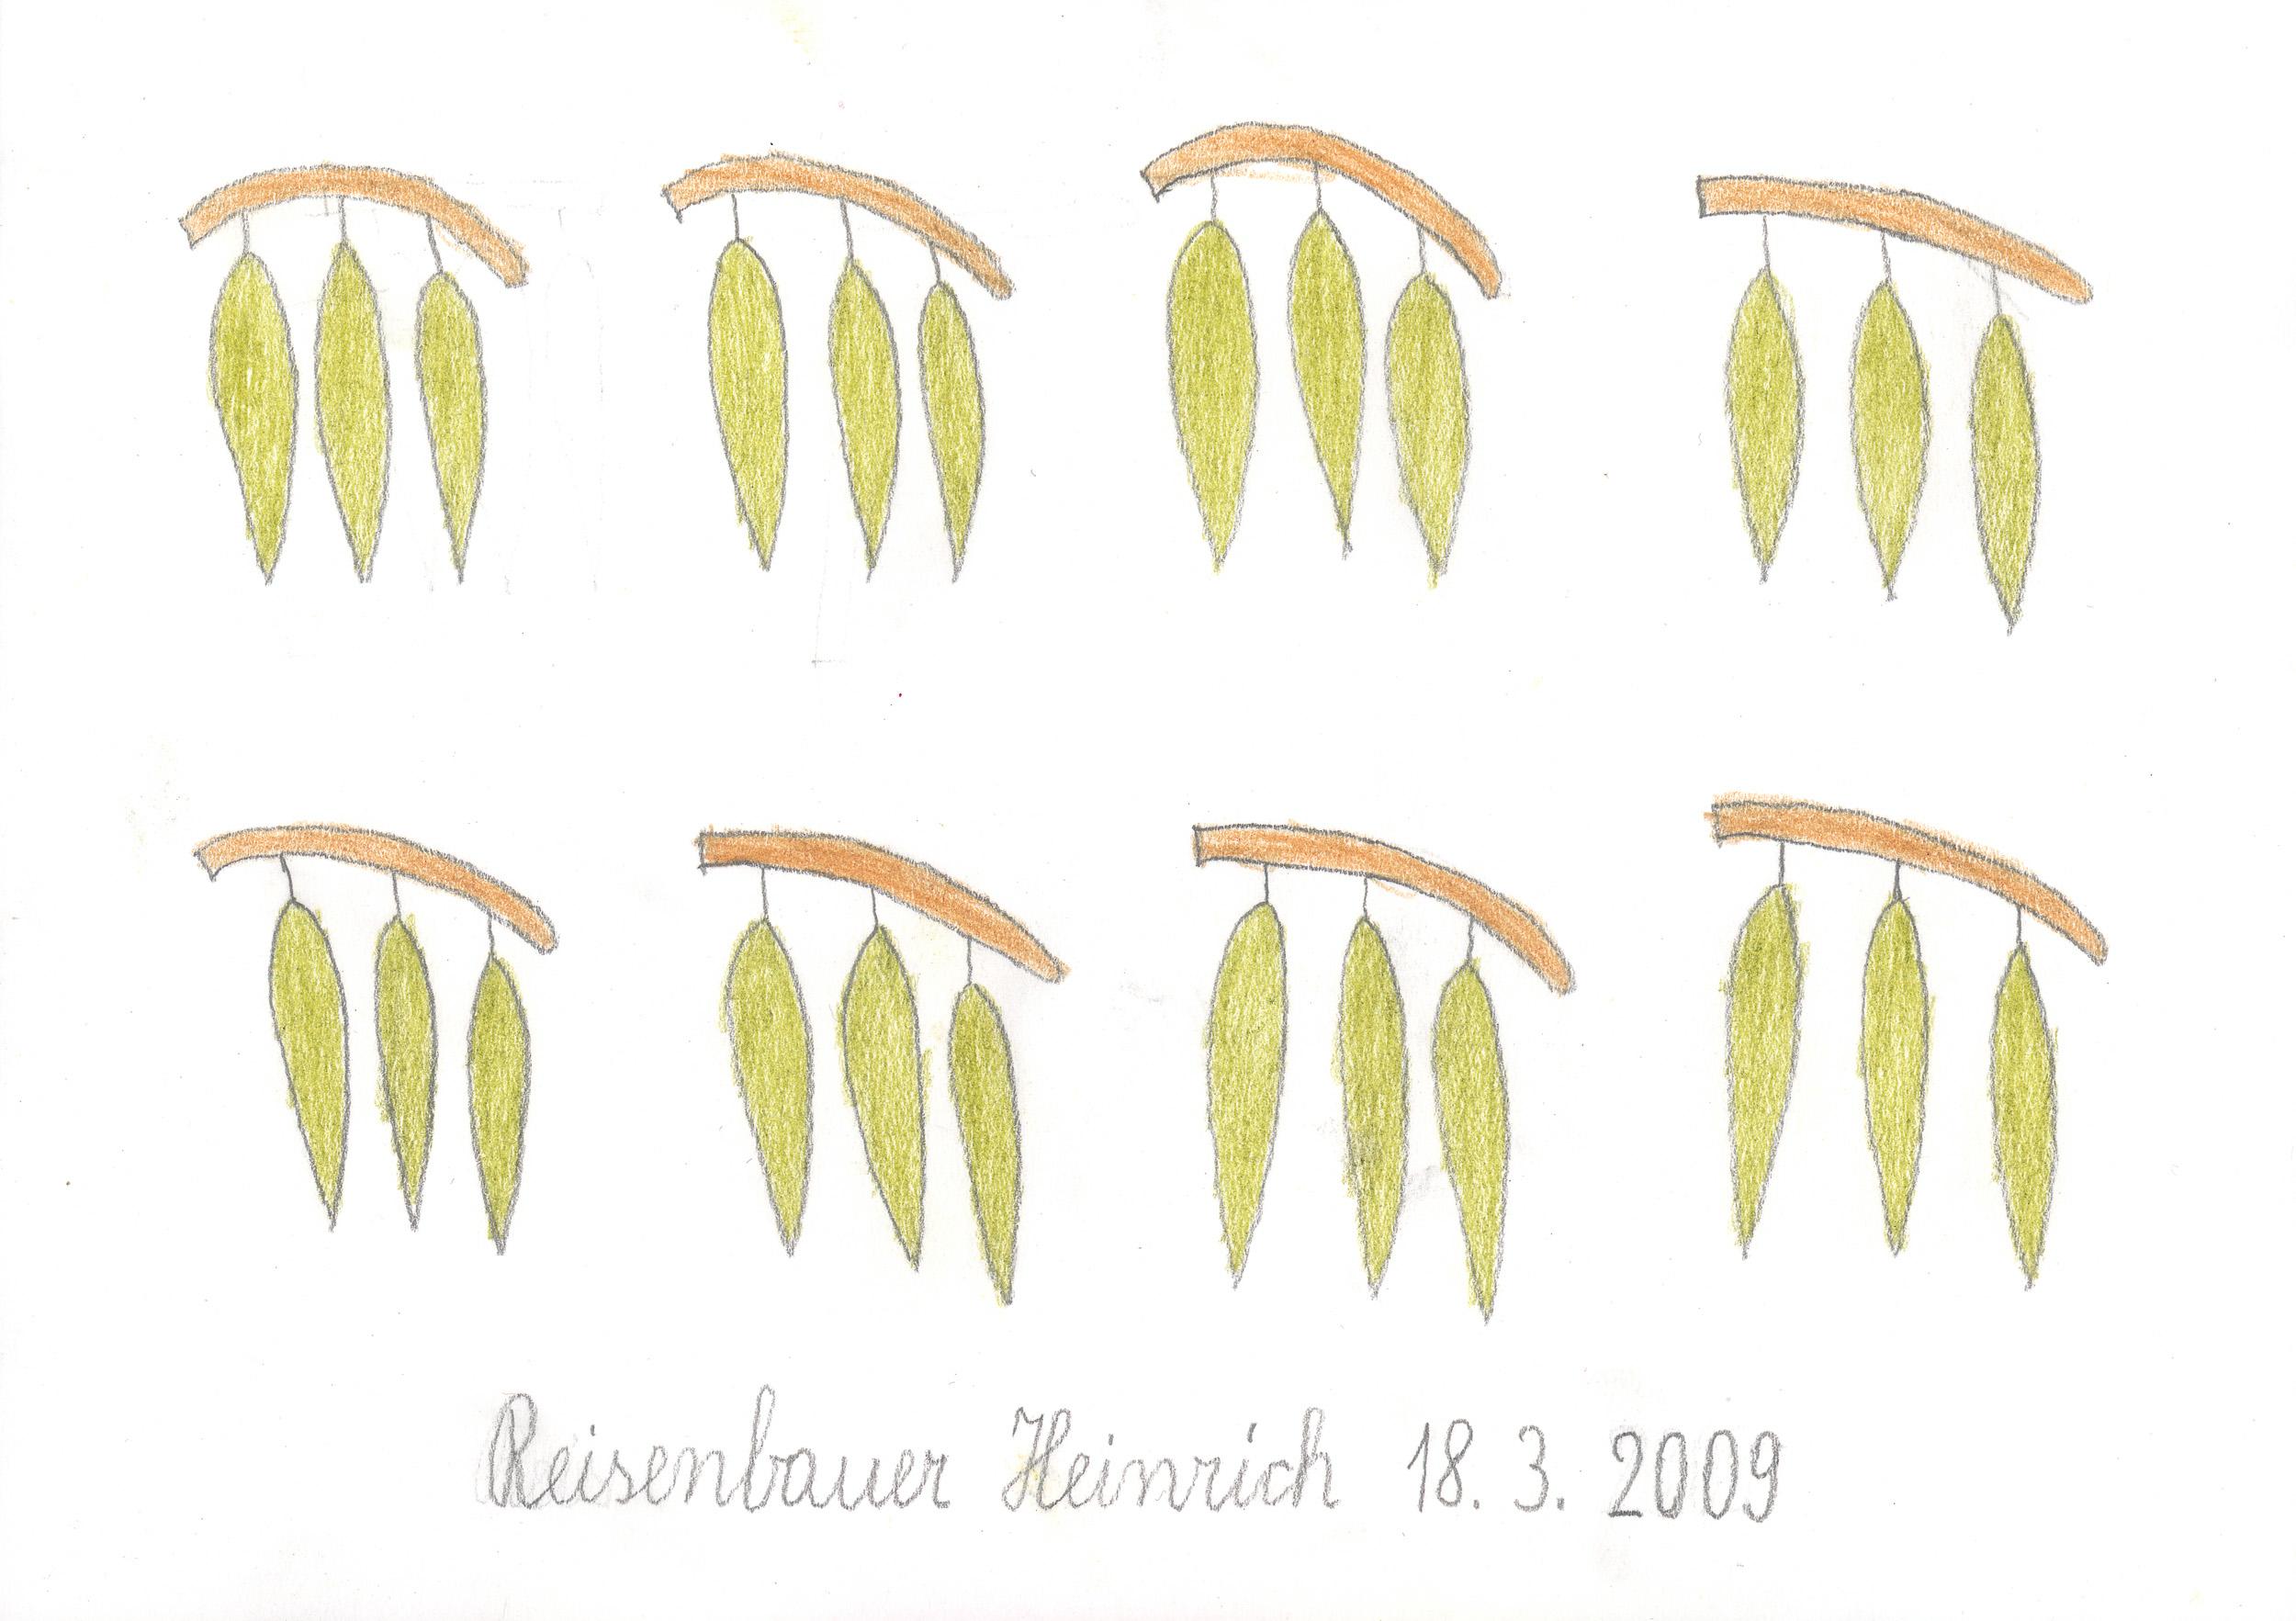 reisenbauer heinrich - blätter / leaves